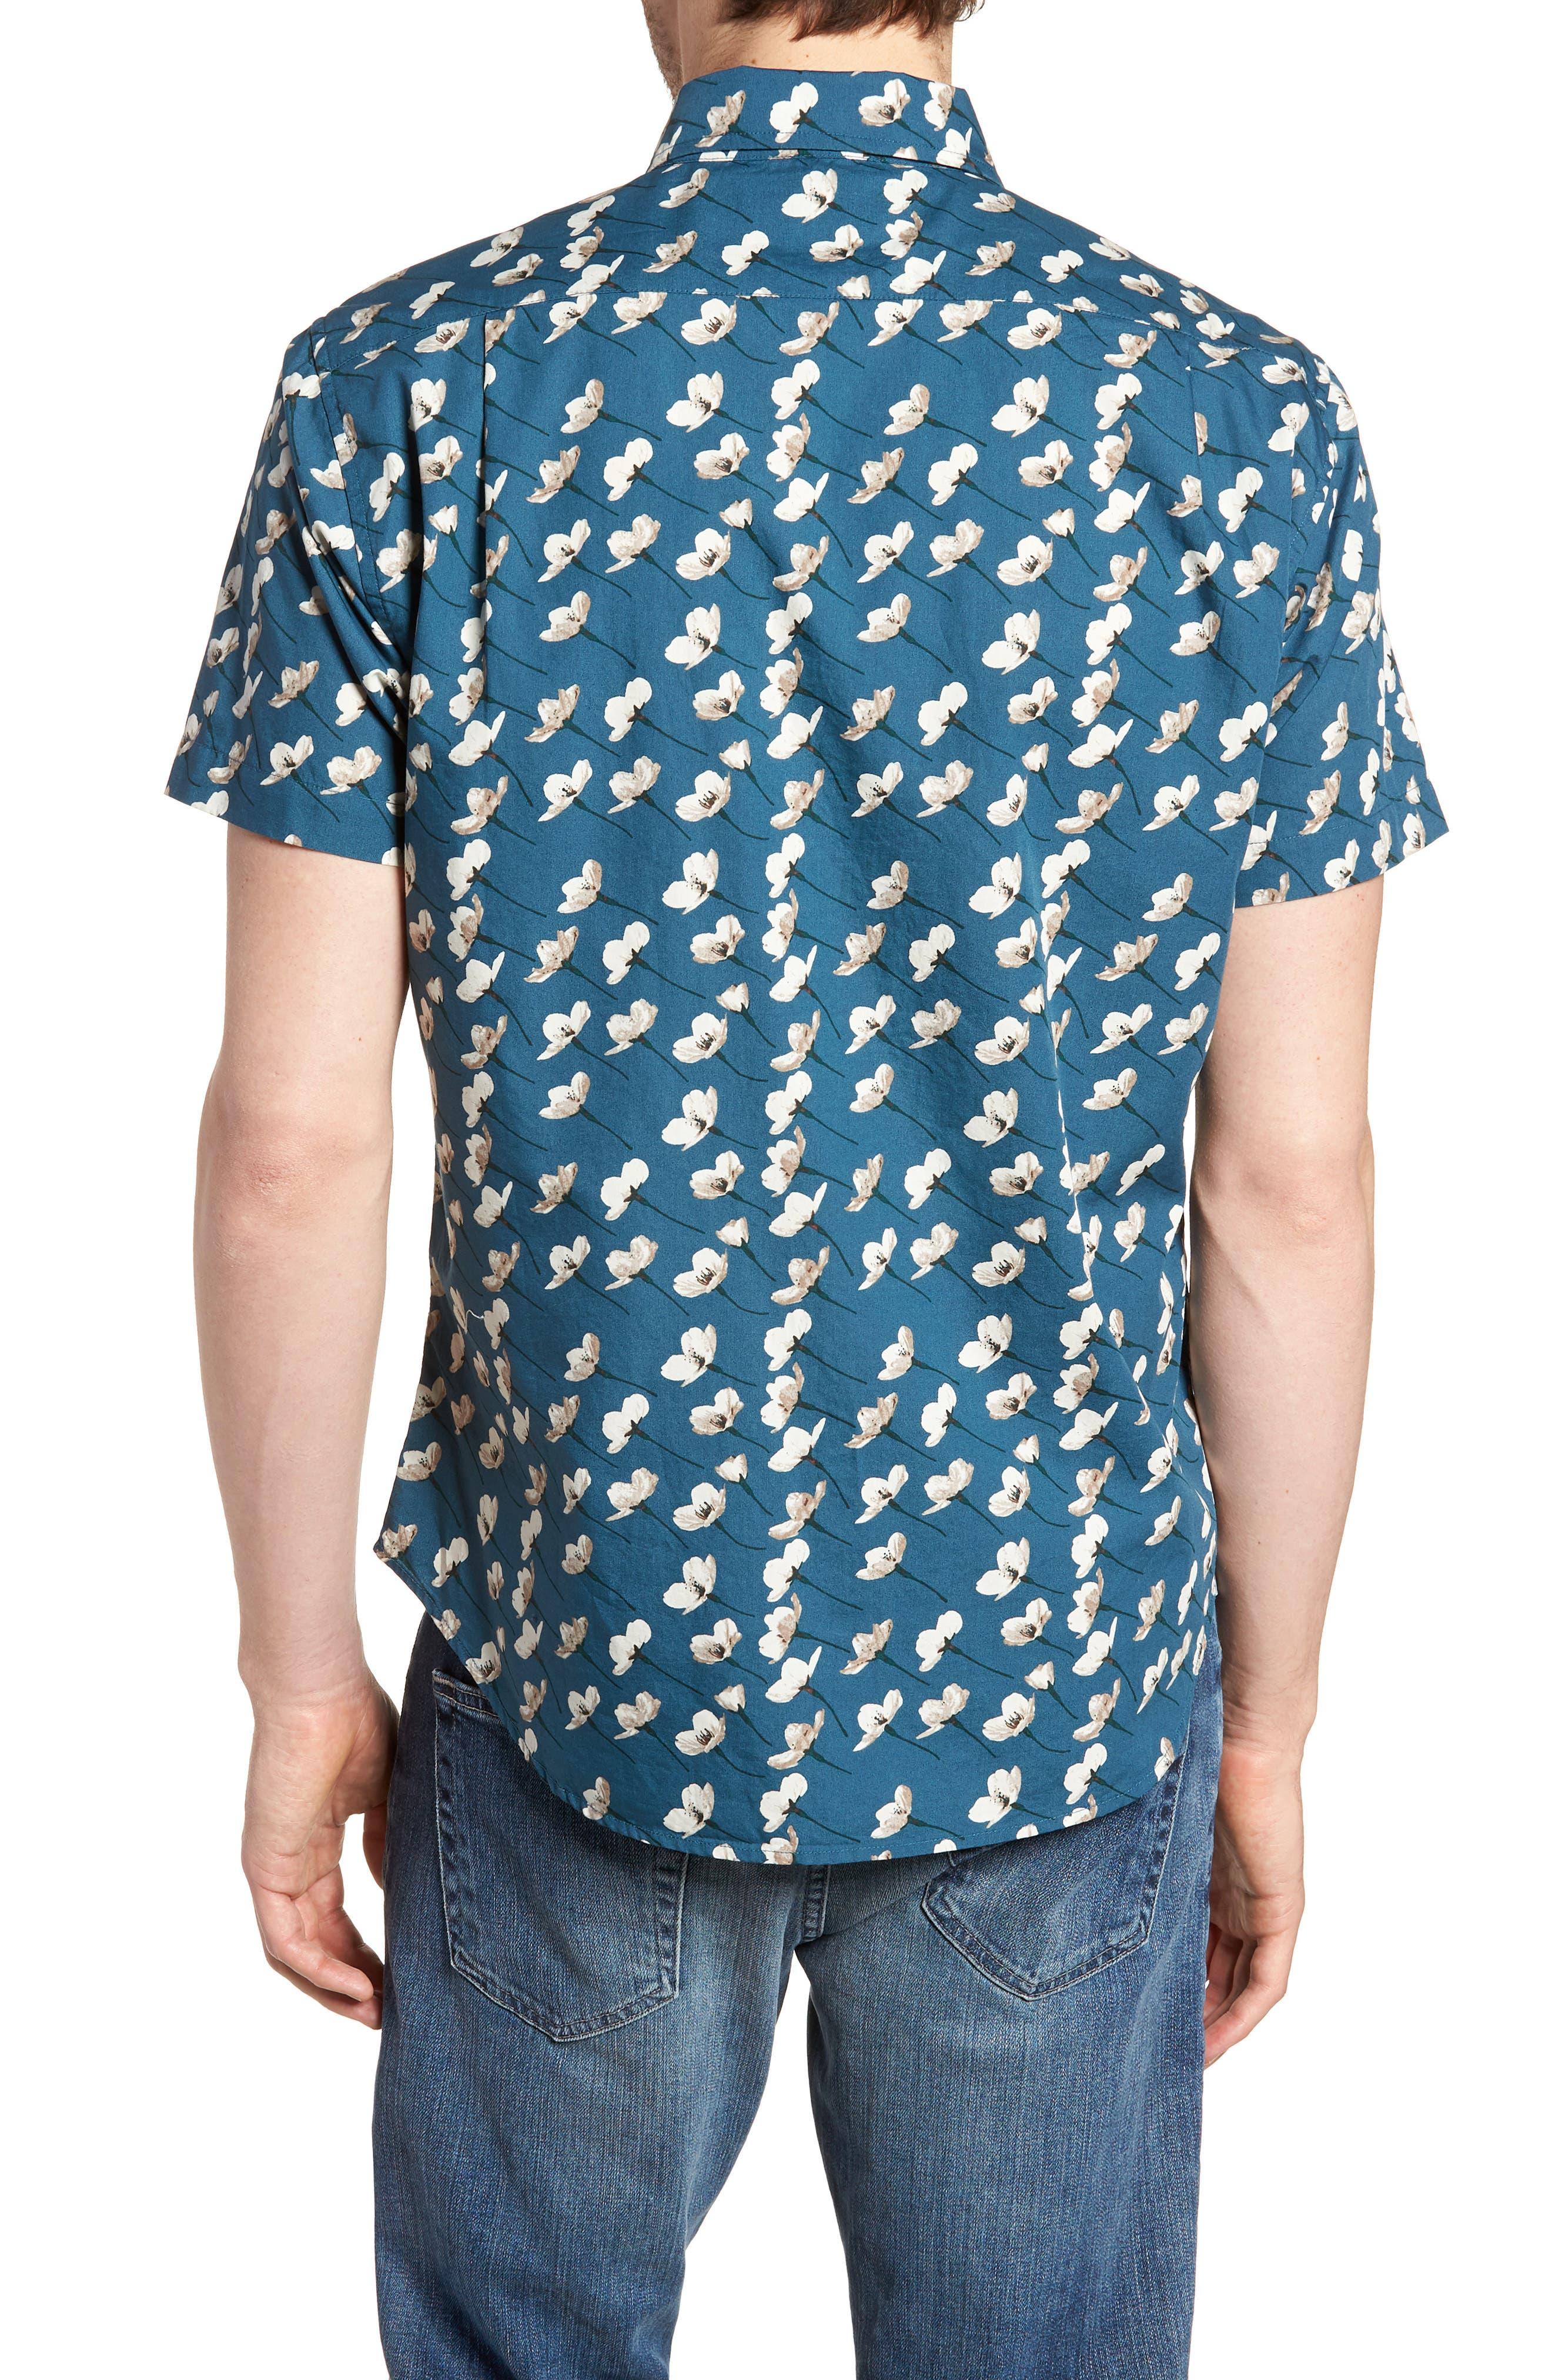 Riviera Slim Fit Cherry Blossom Print Sport Shirt,                             Alternate thumbnail 5, color,                             Cherry Blossoms-Stargazer